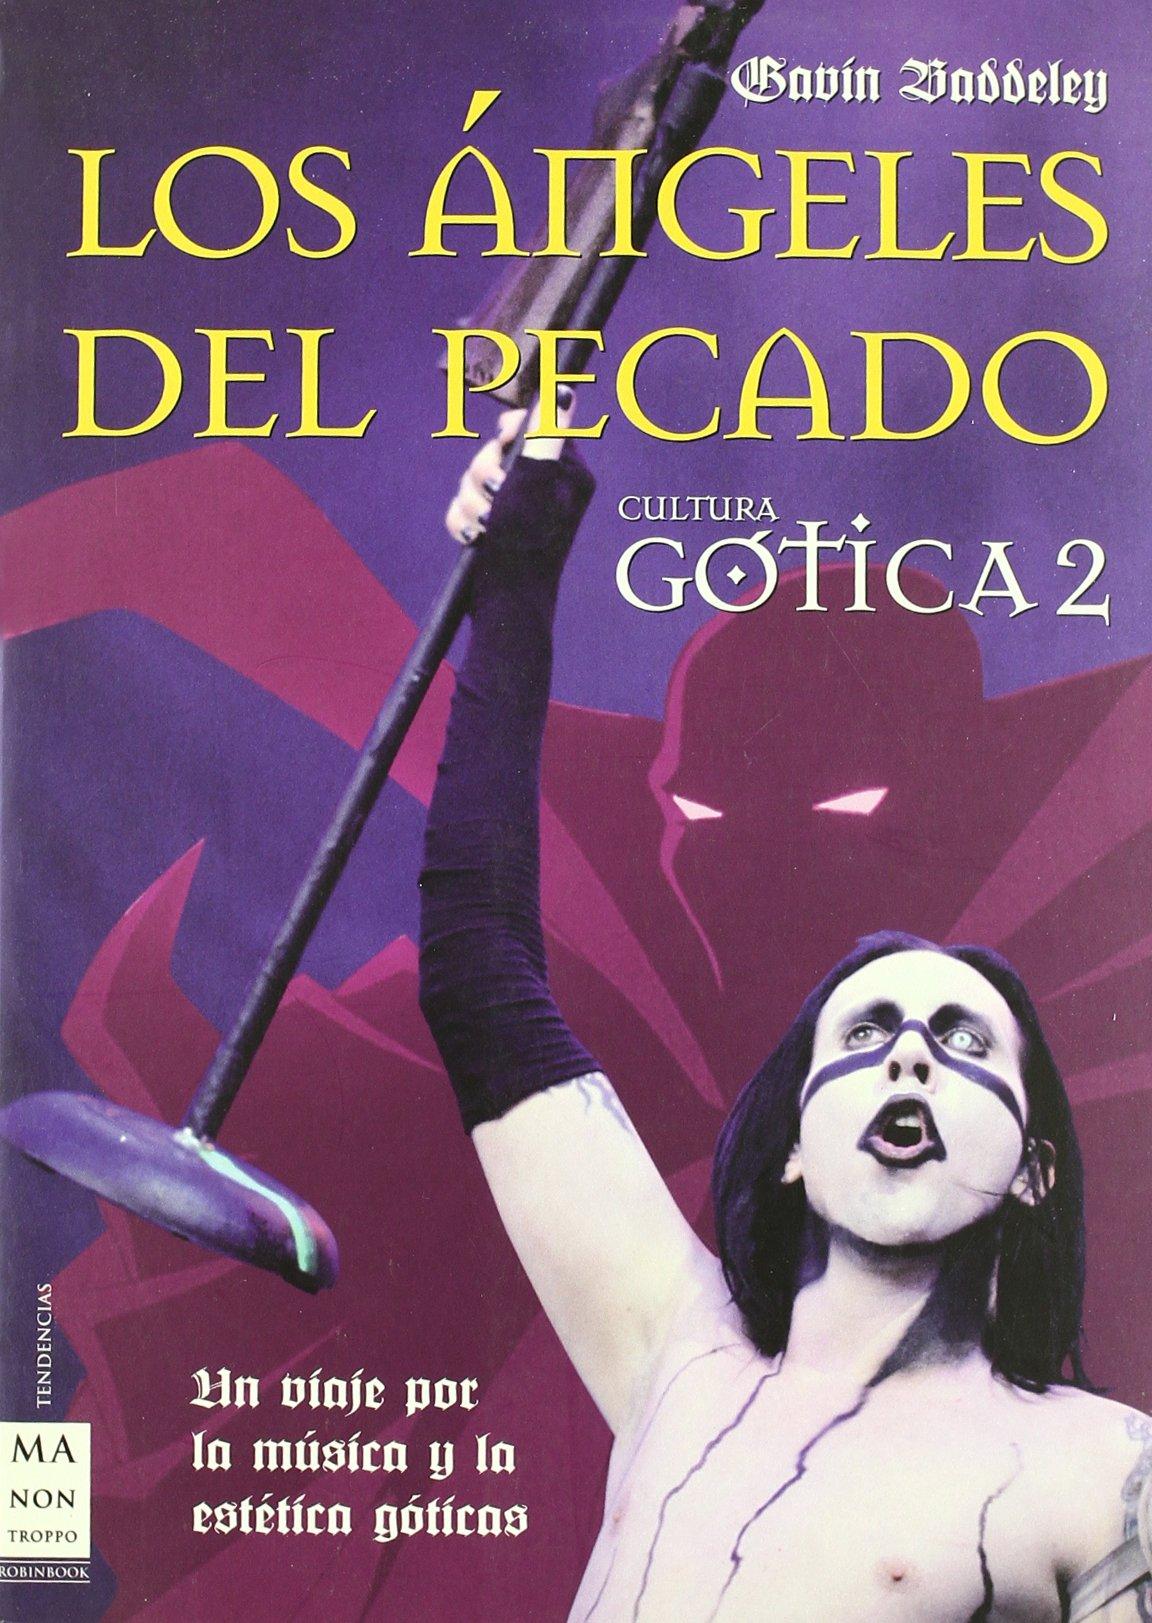 Los Ángeles del Pecado (Cultura Gótica 2), Gavin Baddeley LIBRO